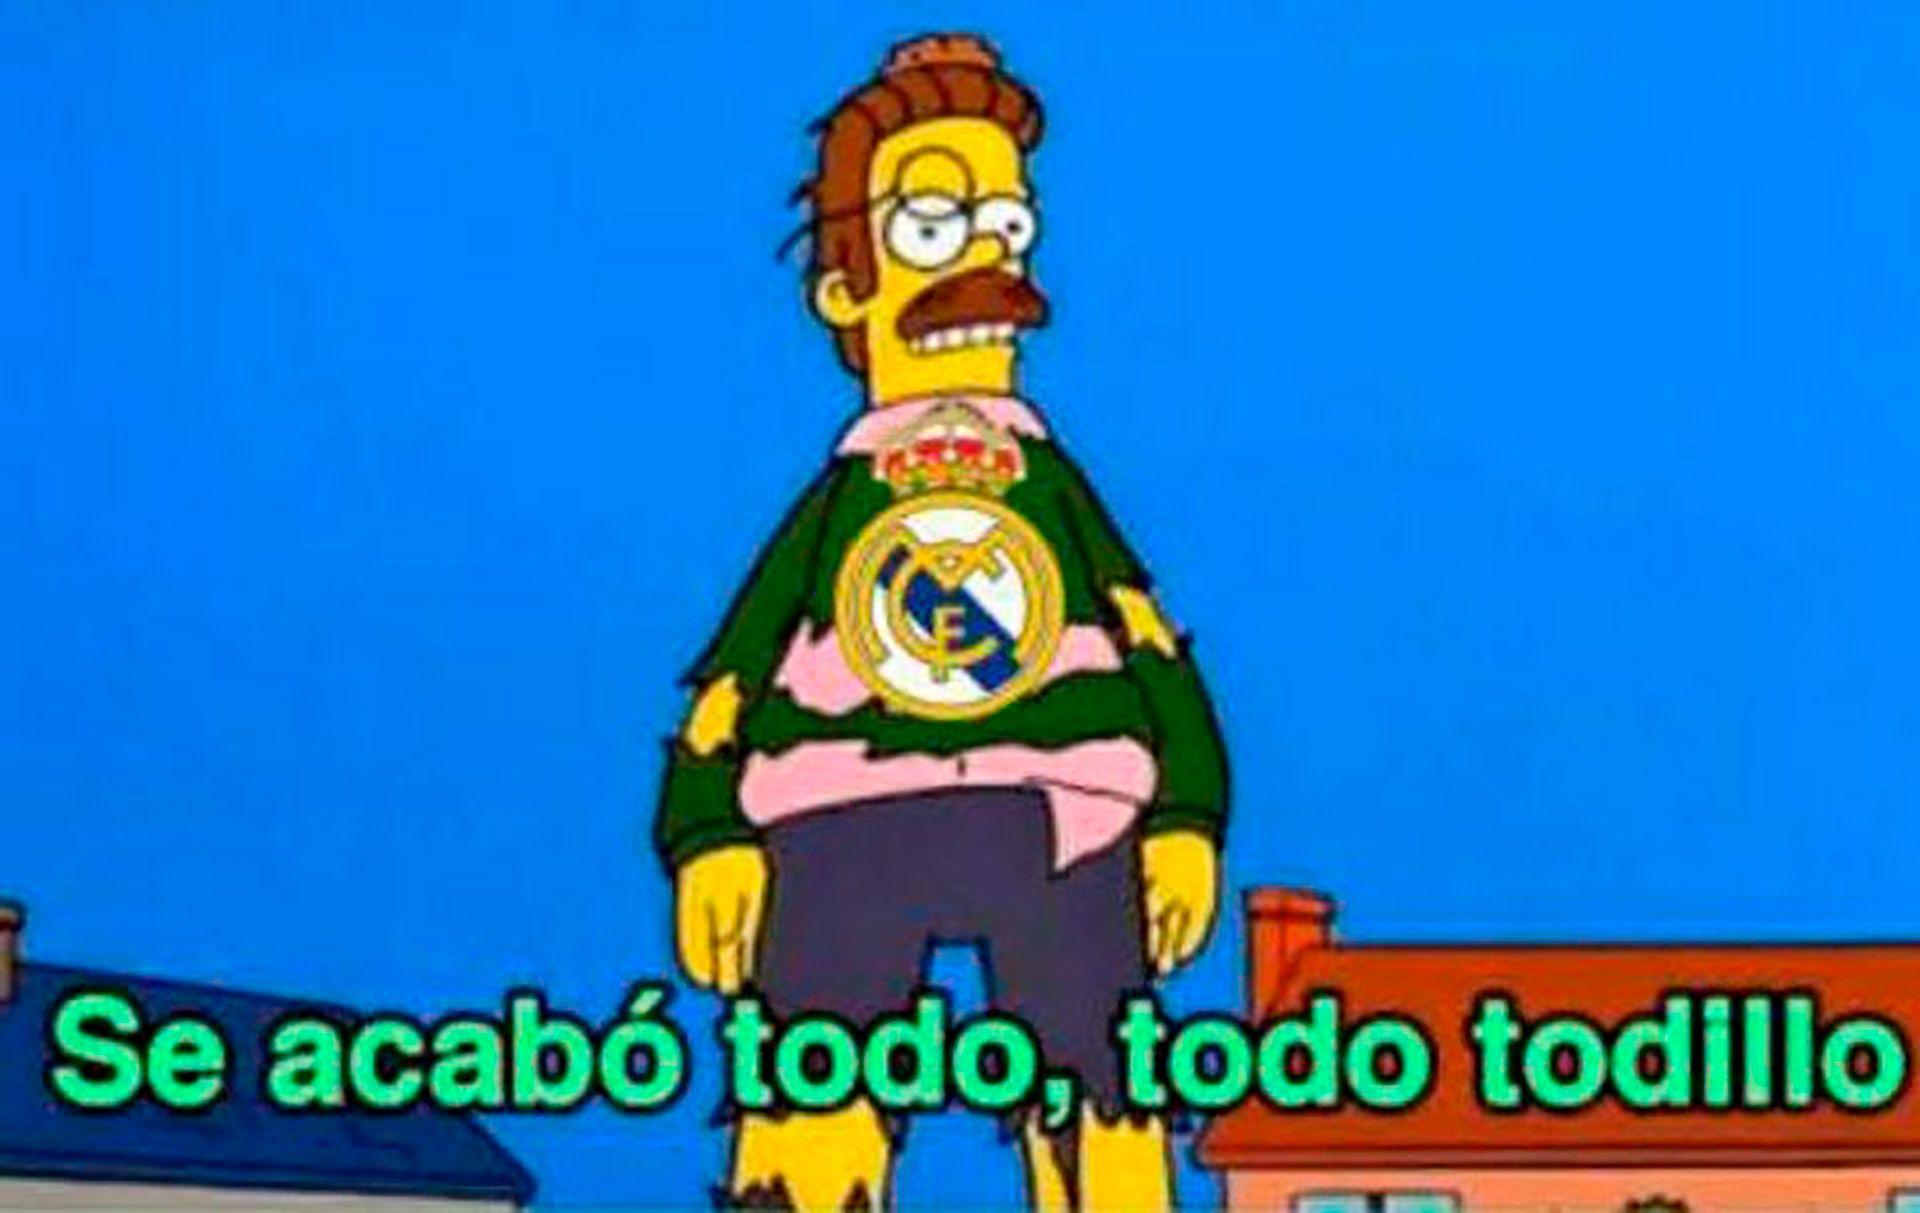 memes por la caída de la Superliga europea